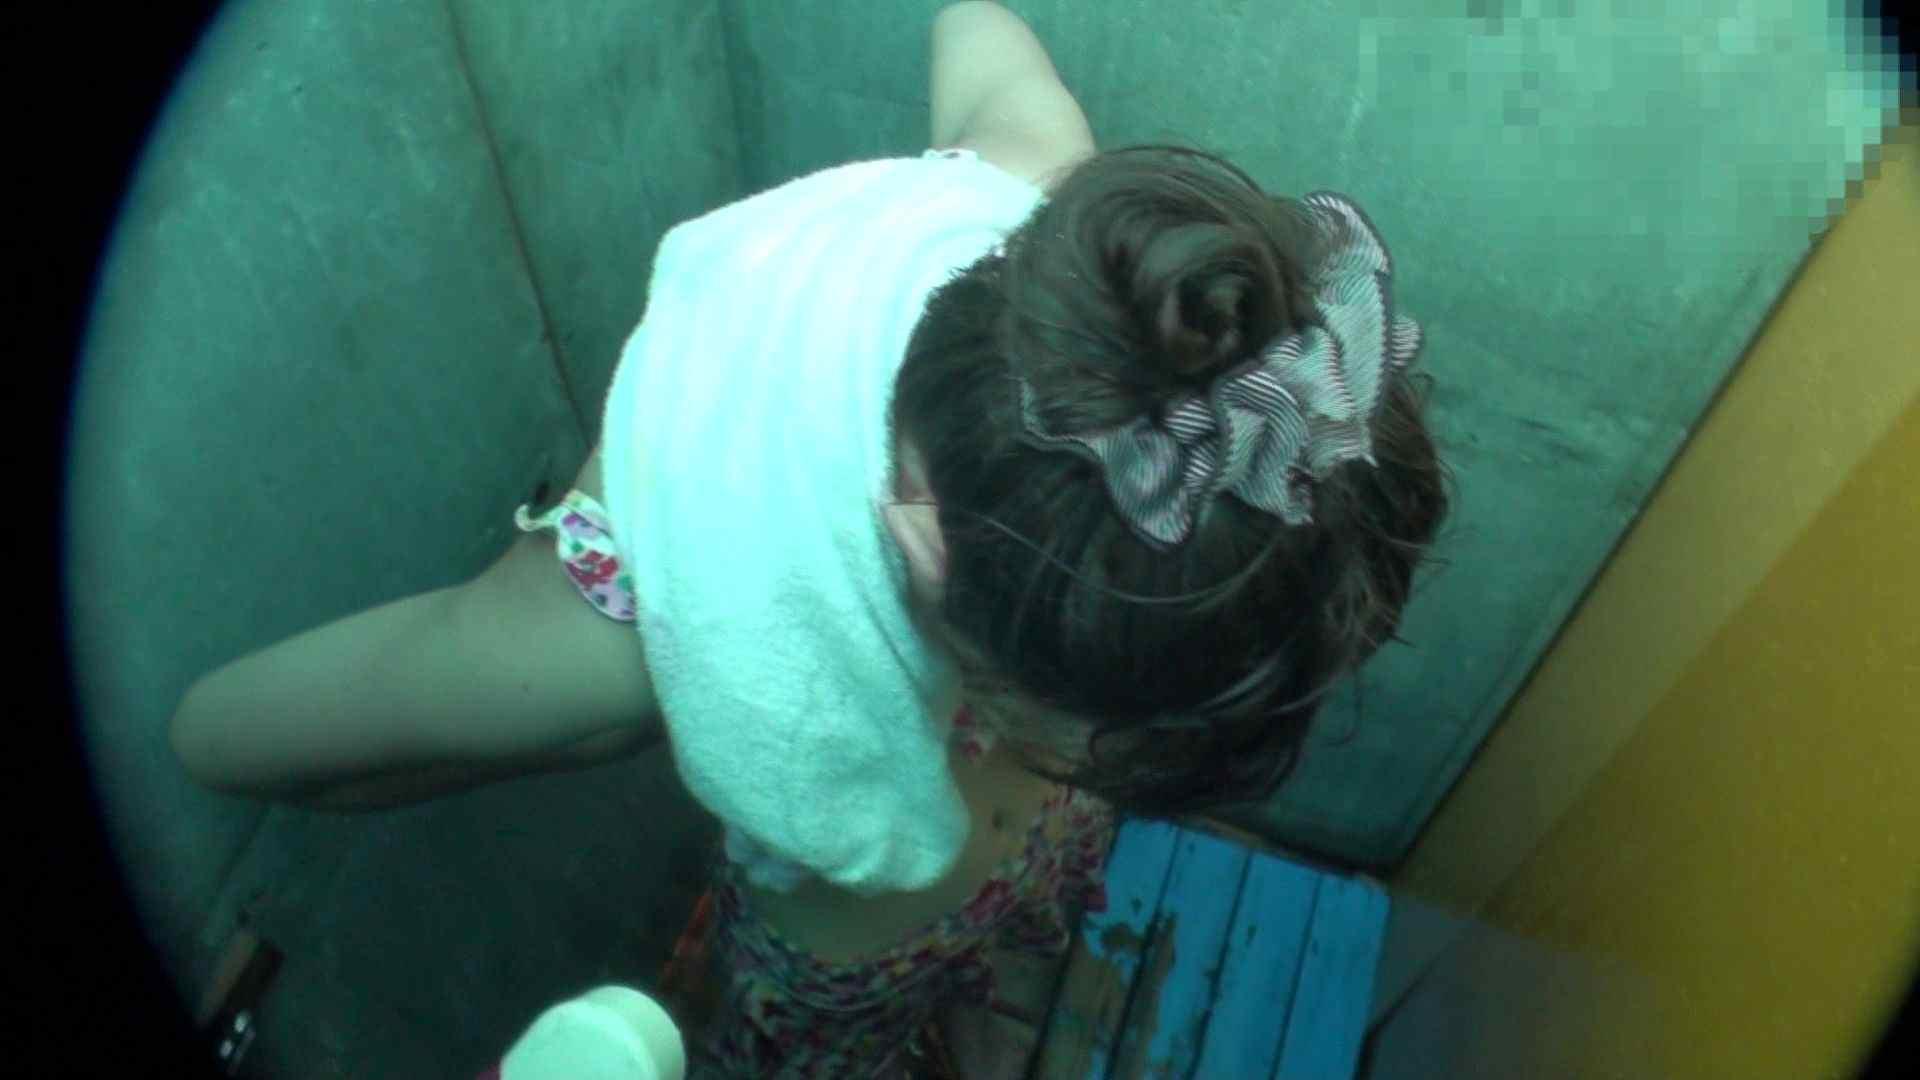 シャワールームは超!!危険な香りVol.6 超至近距離から彼女を凝視!! OL  102枚 22